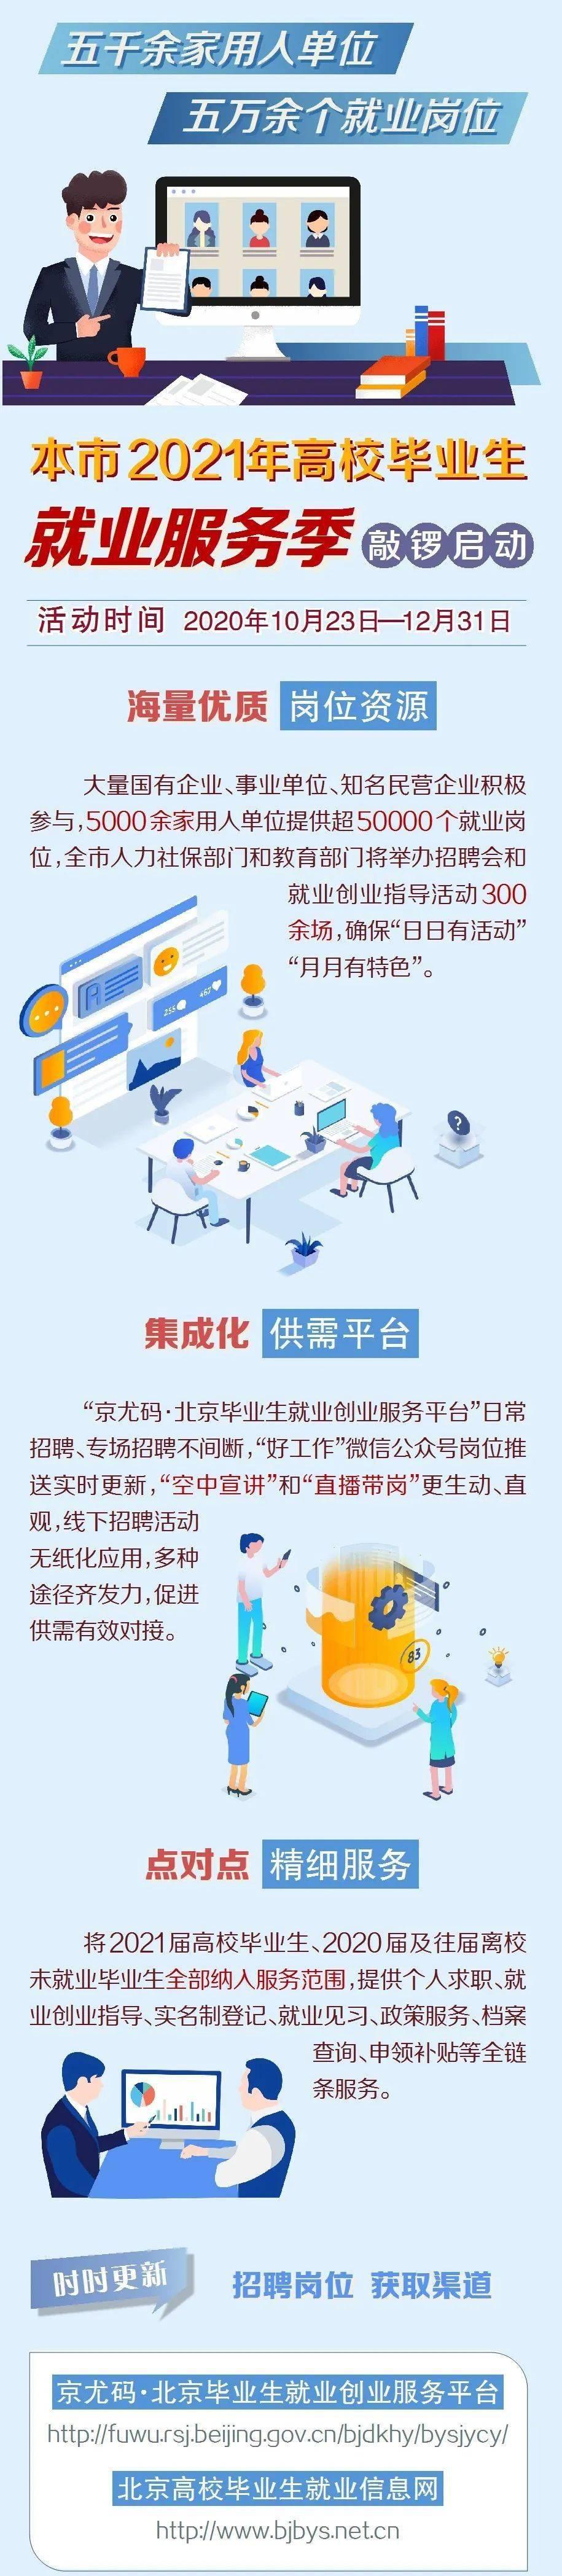 """北京启动高校毕业生就业服务季,5万岗位""""一键对接"""""""